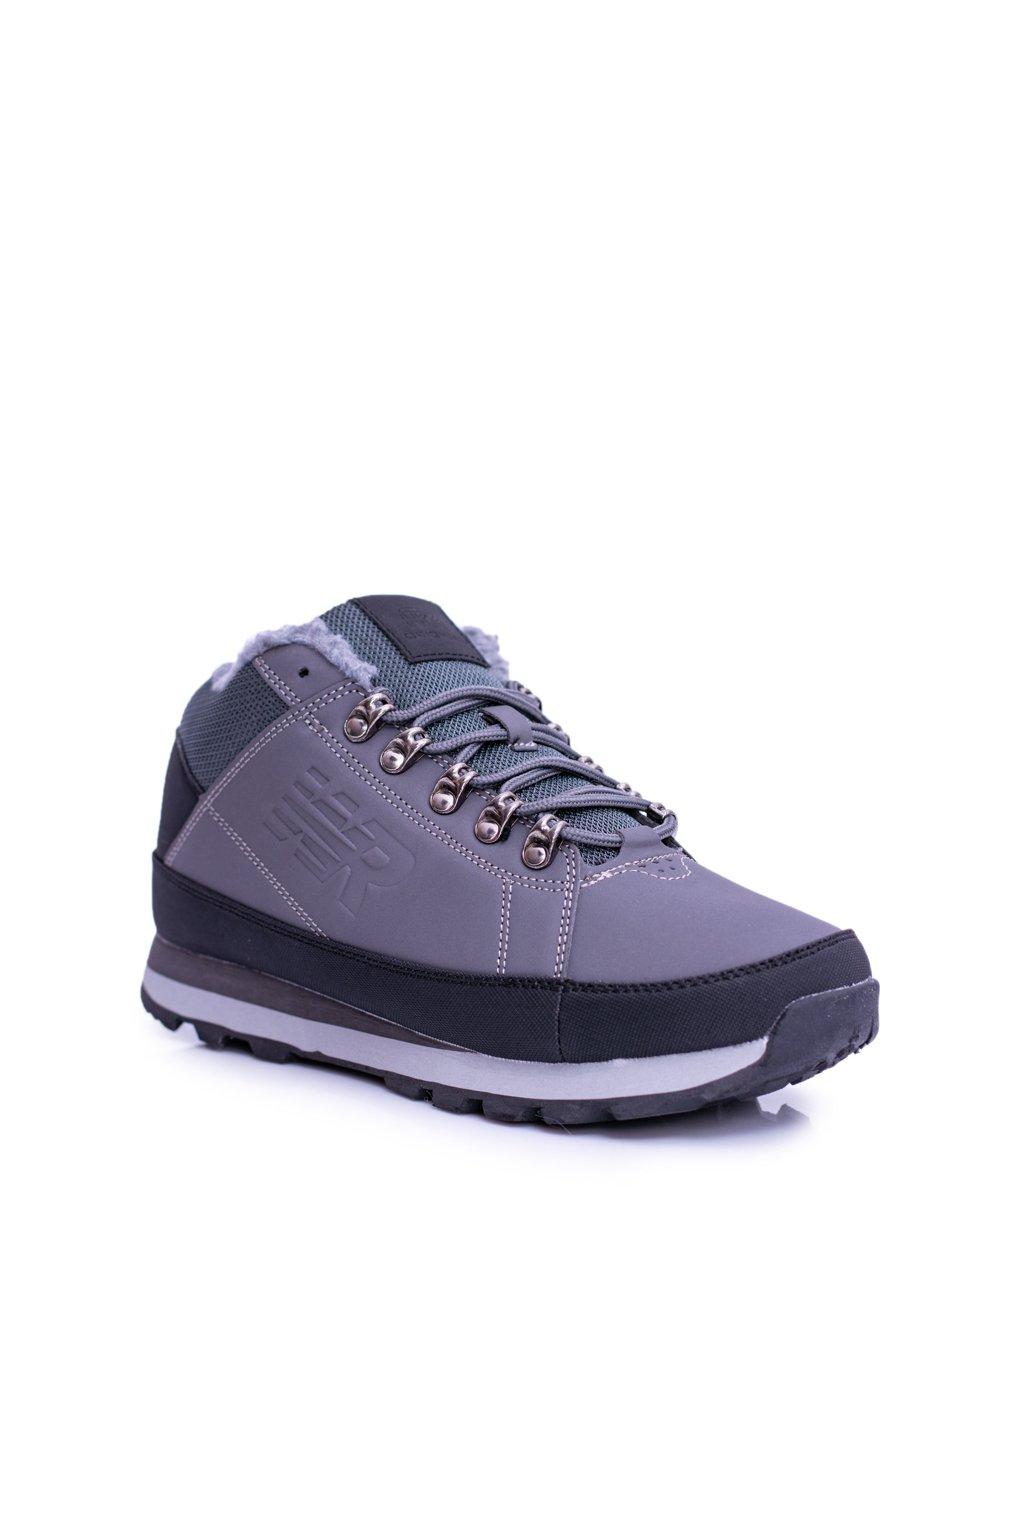 Pánske trekingové topánky farba sivá kód obuvi 9WCH-17000 GREY